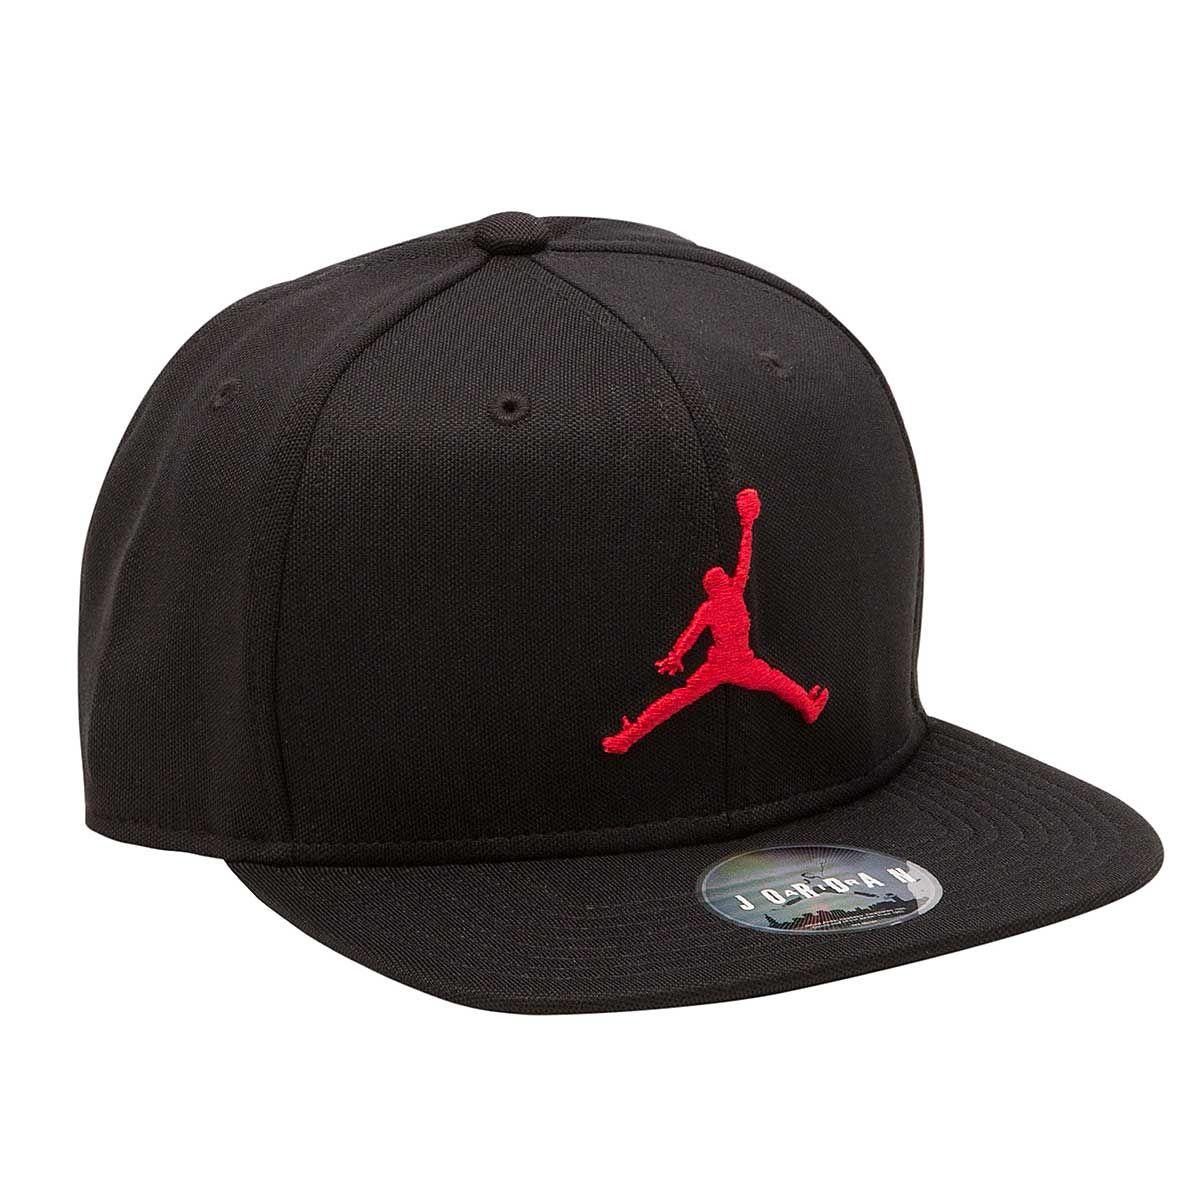 6984f3d56 JORDAN JUMPMAN Snapback Cap BLACK UNIVERSITY RED